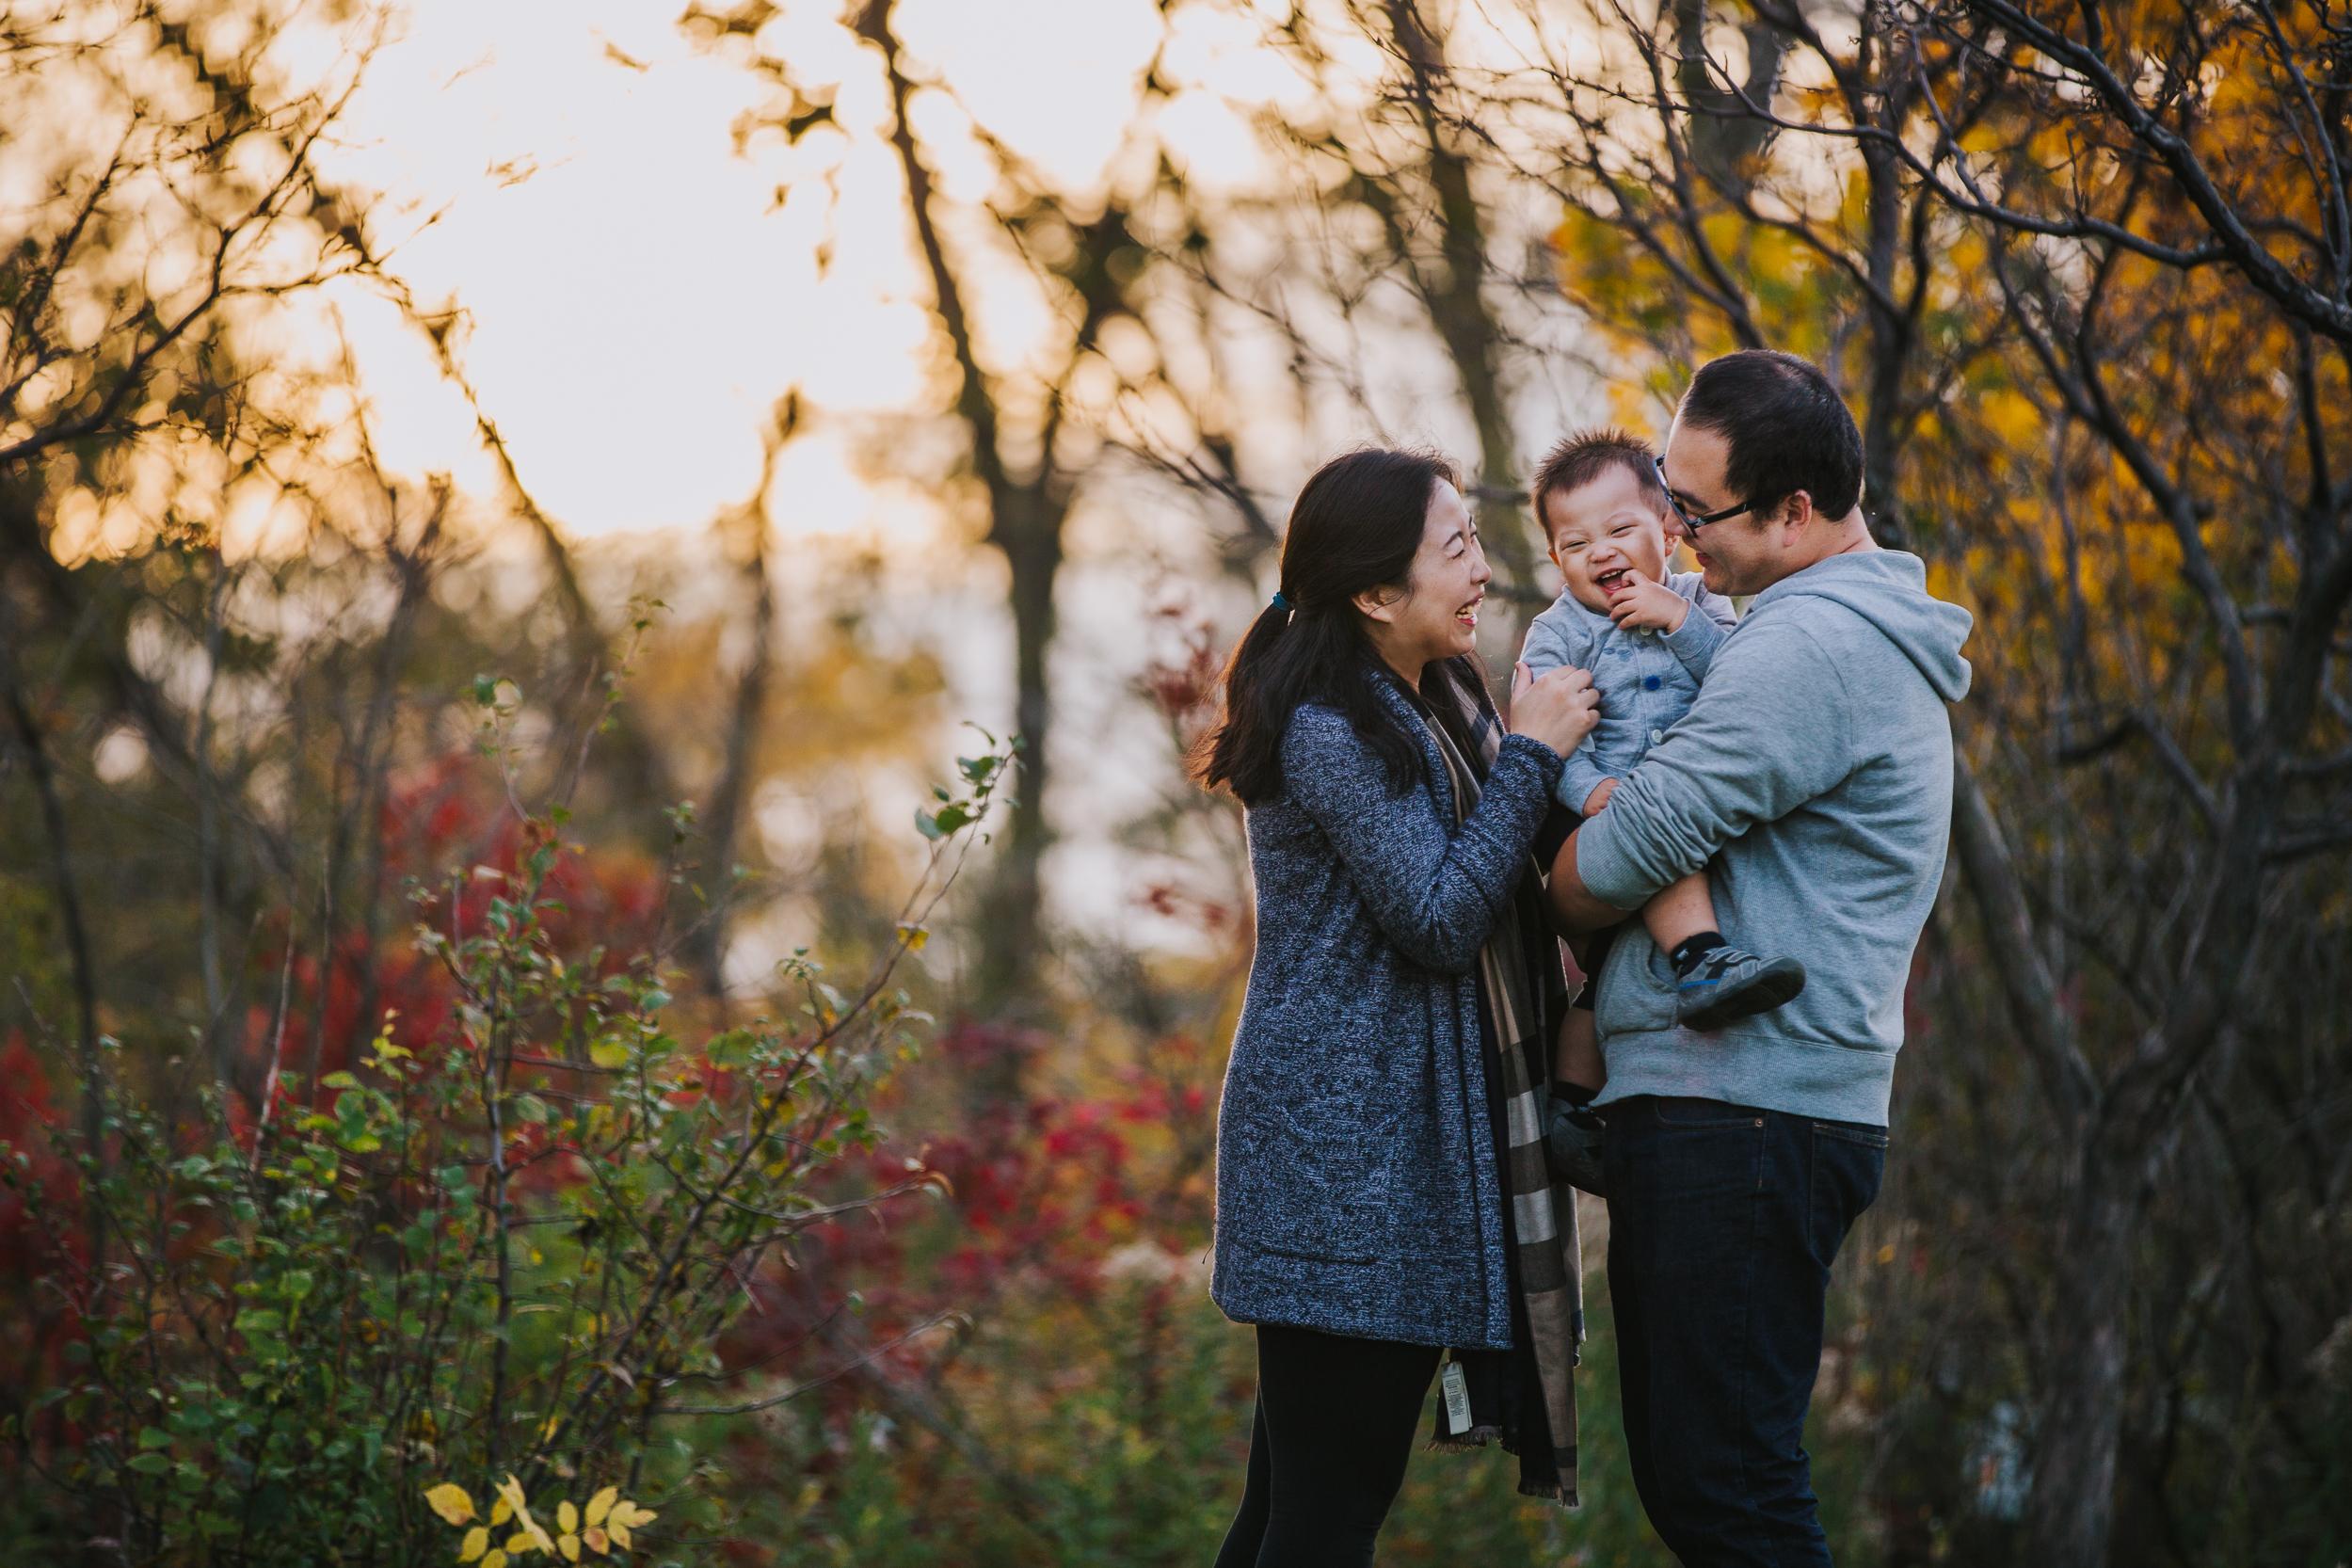 Montreal-baby-children-photographer-Studio-Wei-171022-13.jpg